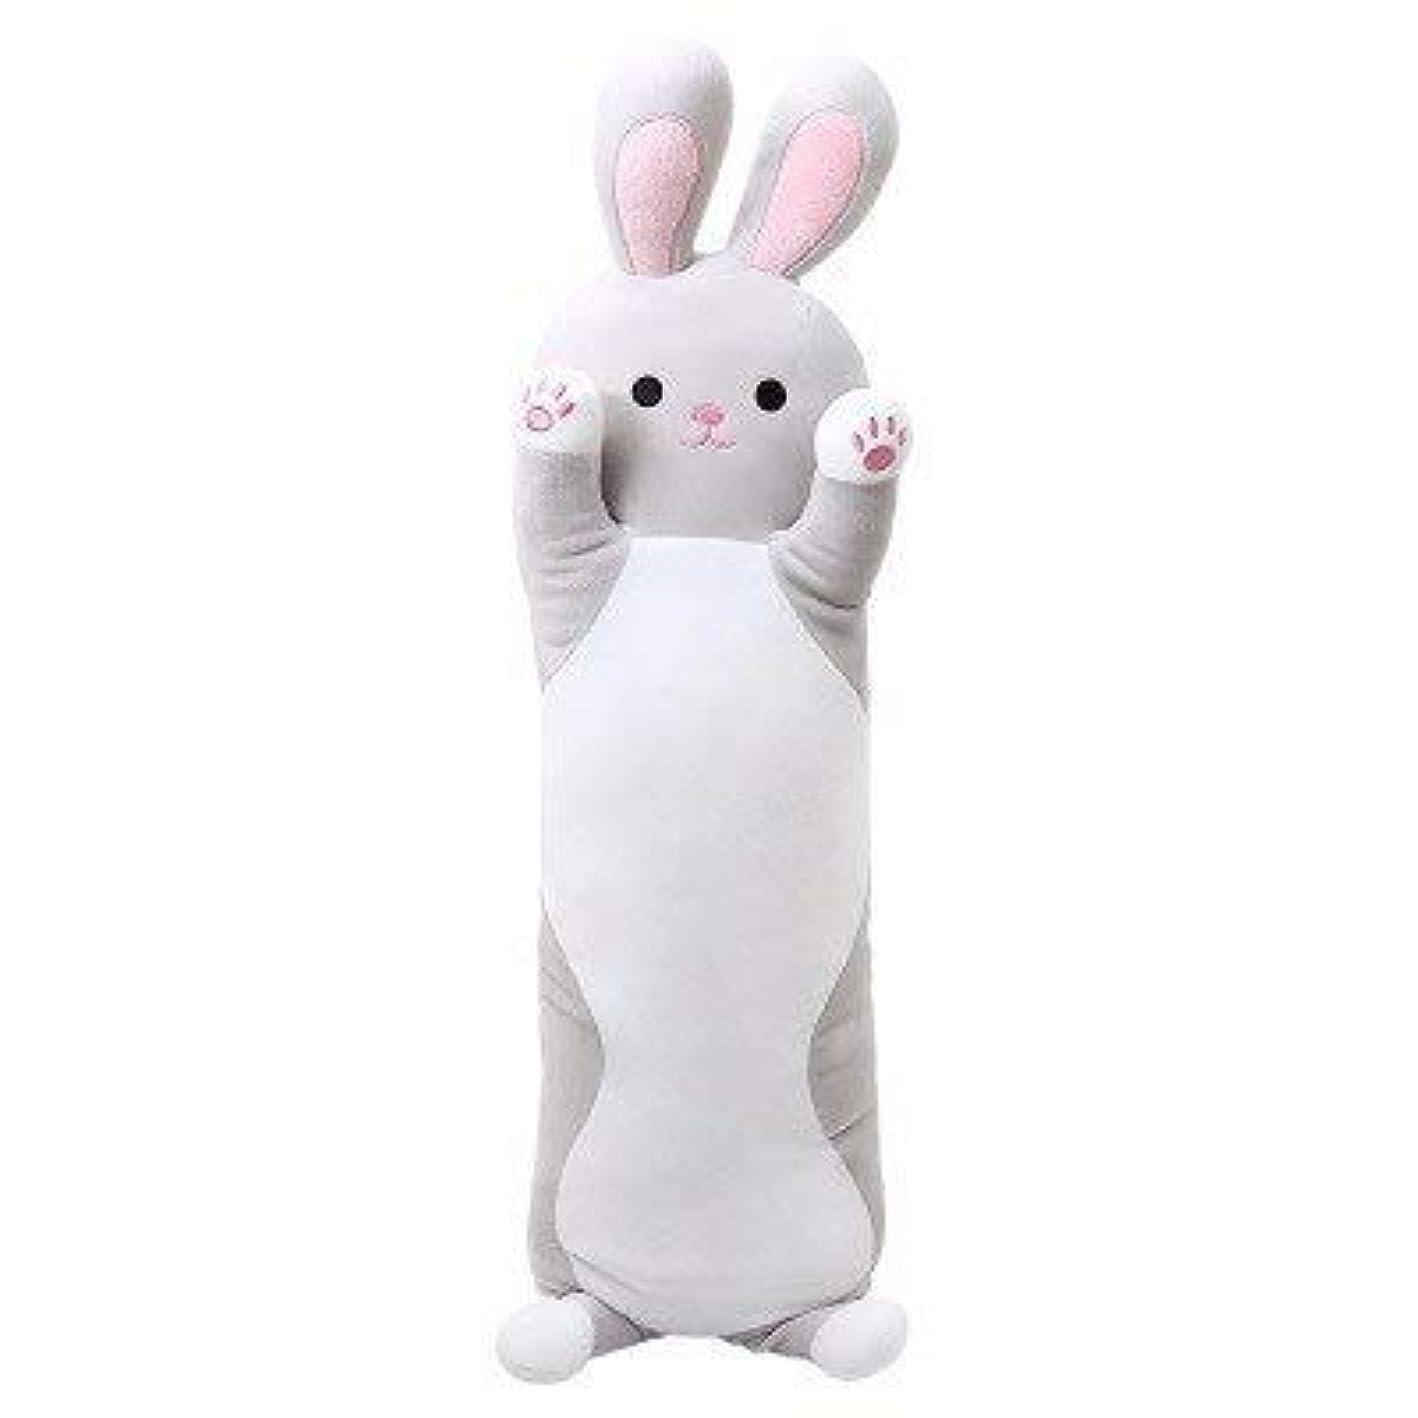 従順なクランプ探検LIFE センチメートルウサギのぬいぐるみロング睡眠枕を送信するために女の子 Almofada クッション床 Coussin Cojines 装飾 Overwatch クッション 椅子